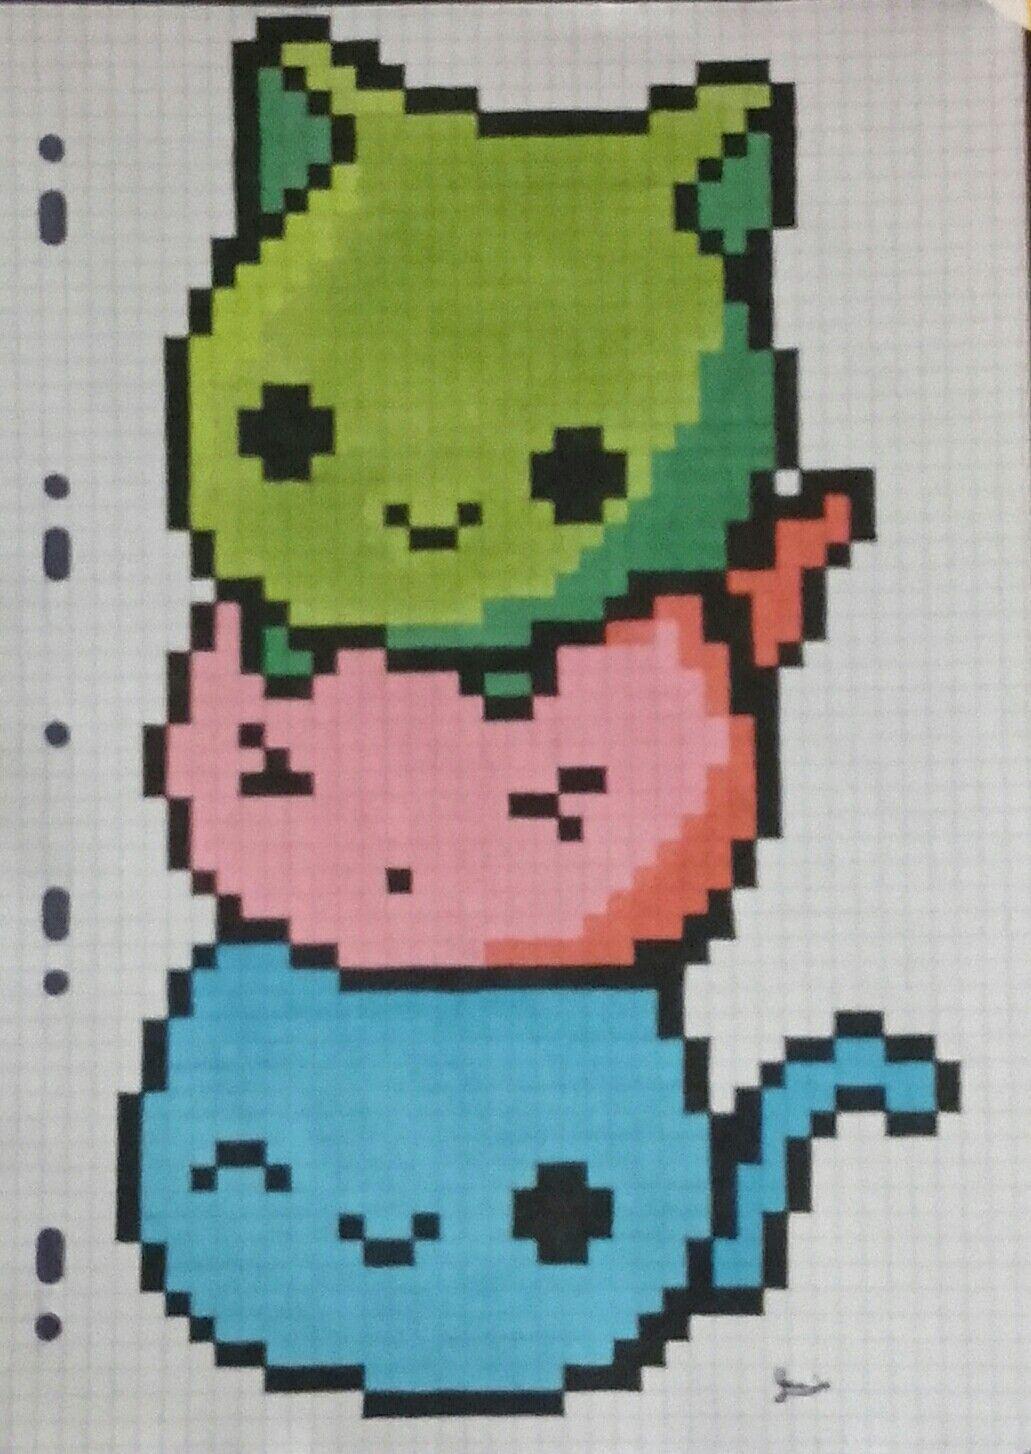 Pixel Art Chat Chibi Trois Couleurs Terminé Encré для